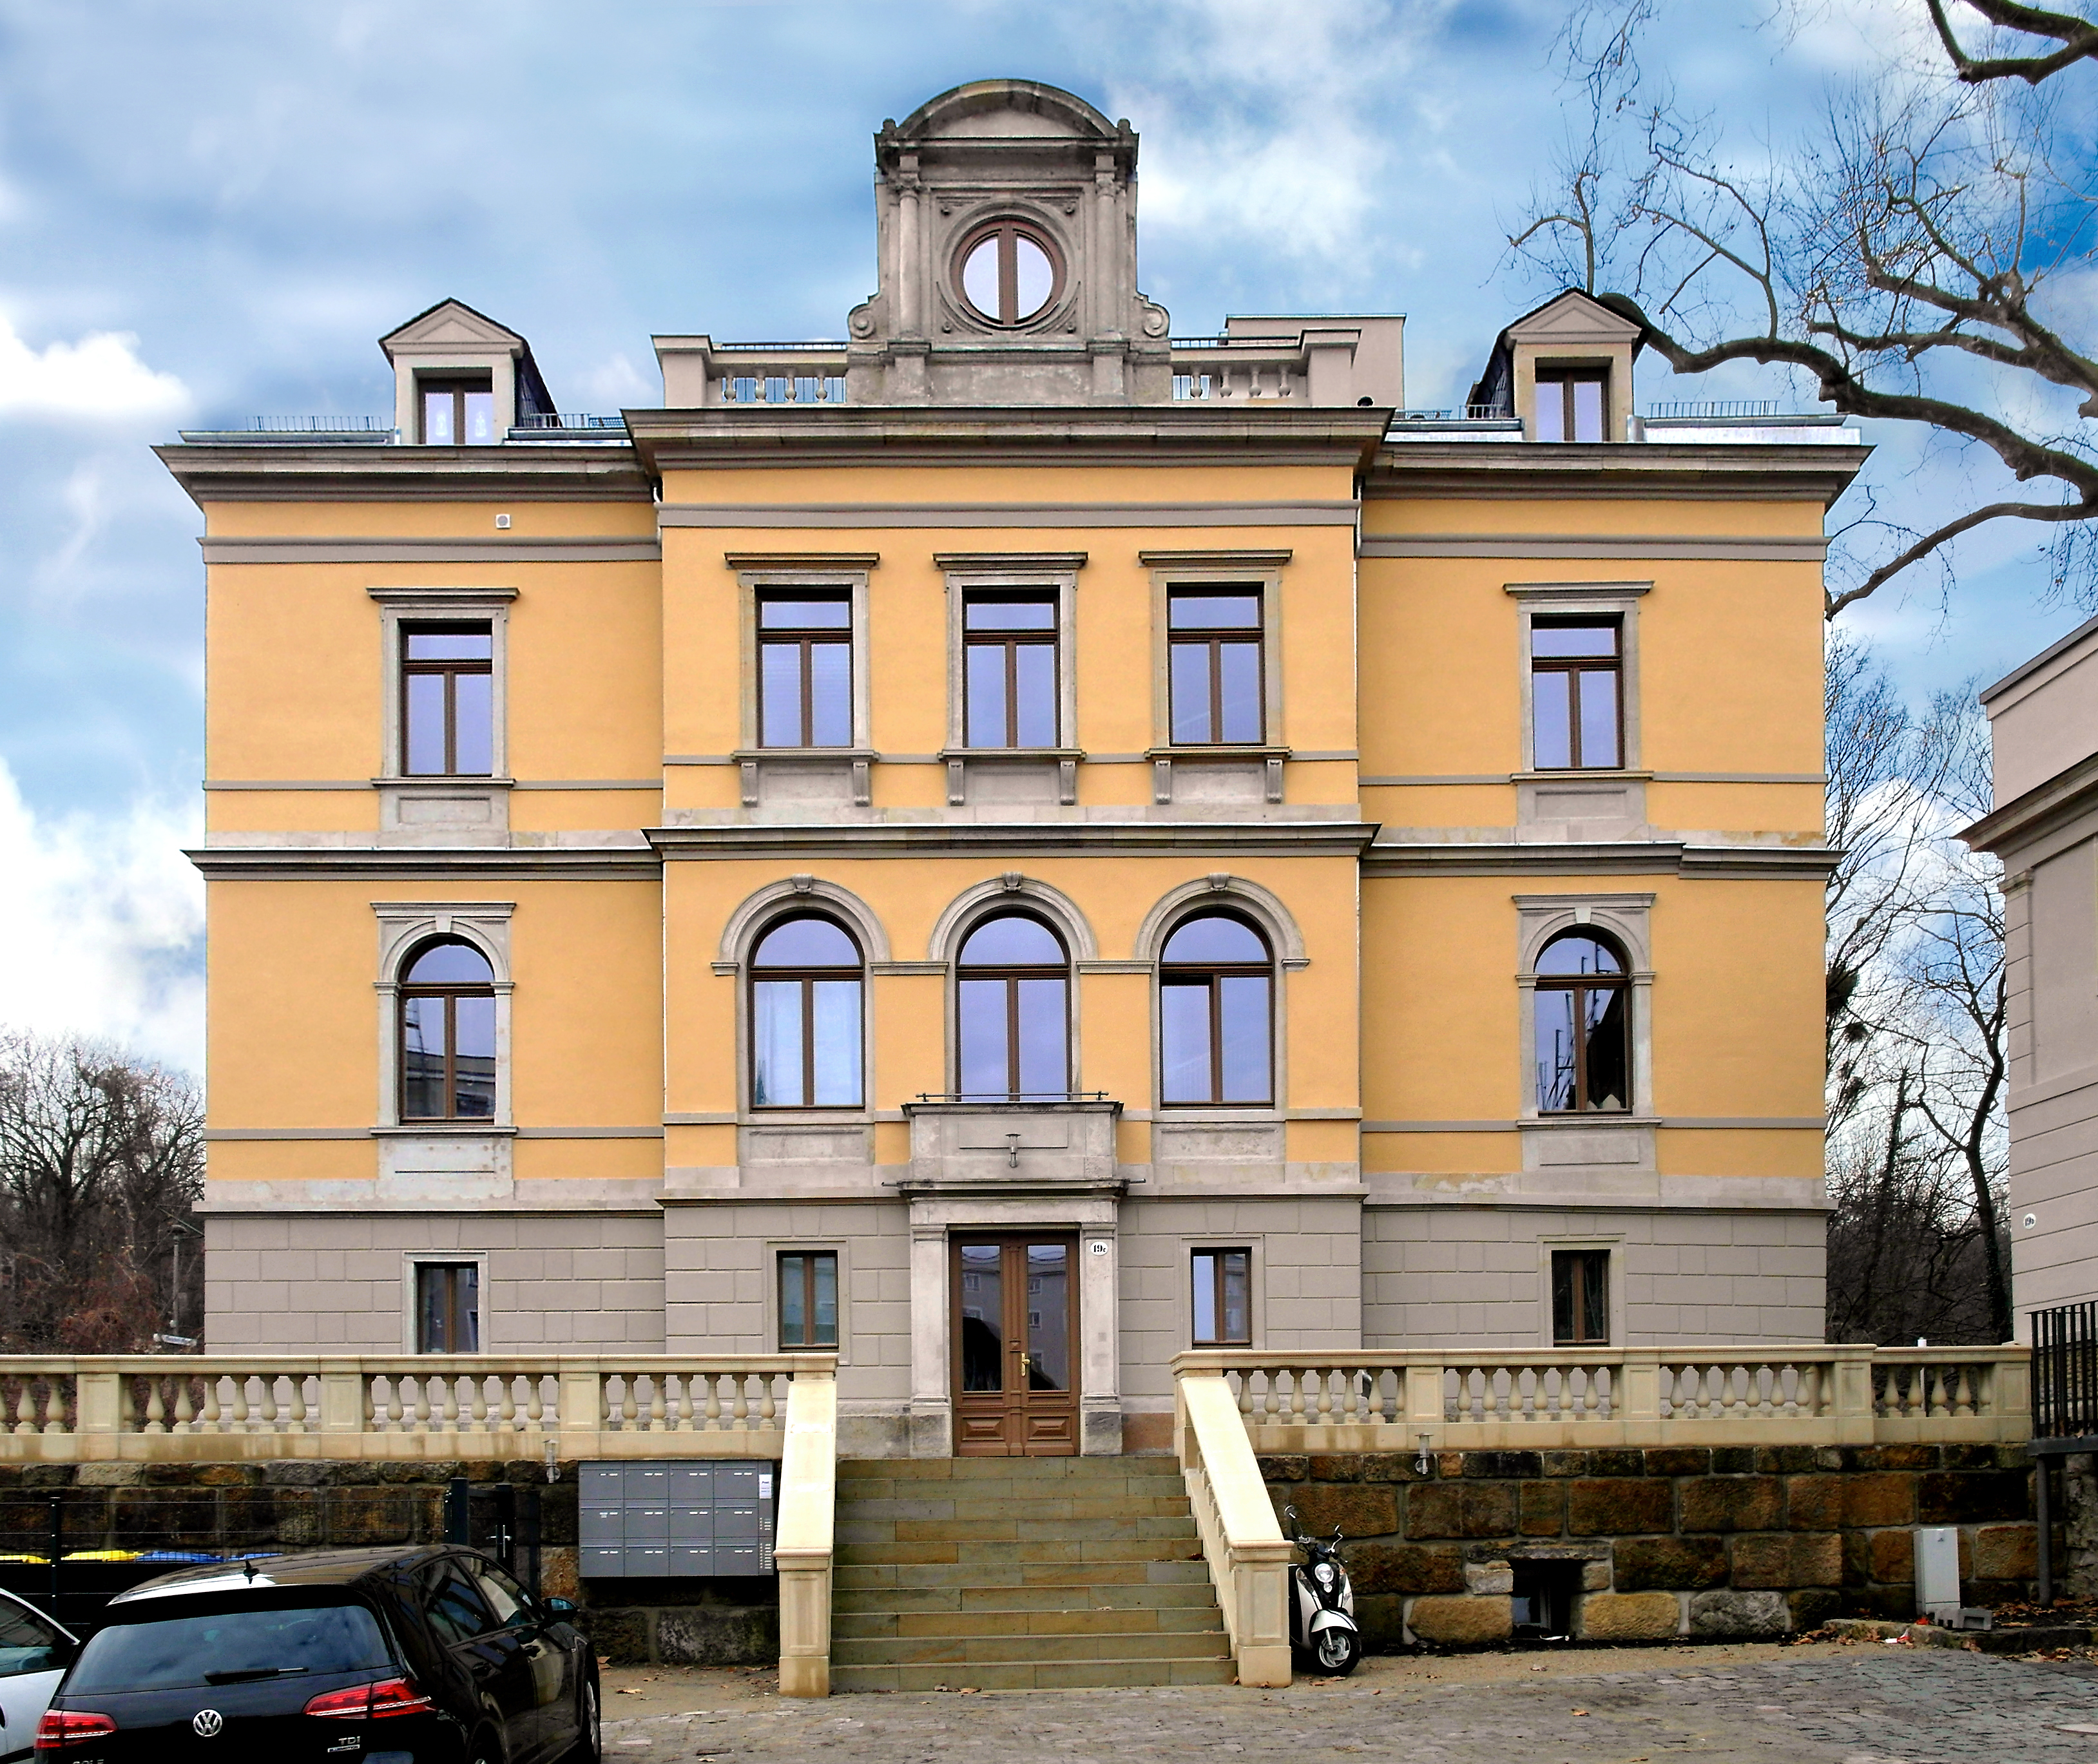 Villa Salzburg Dresden Wohndesign: File:20180310200DR Dresden-Plauen Altplauen Villa Bienert